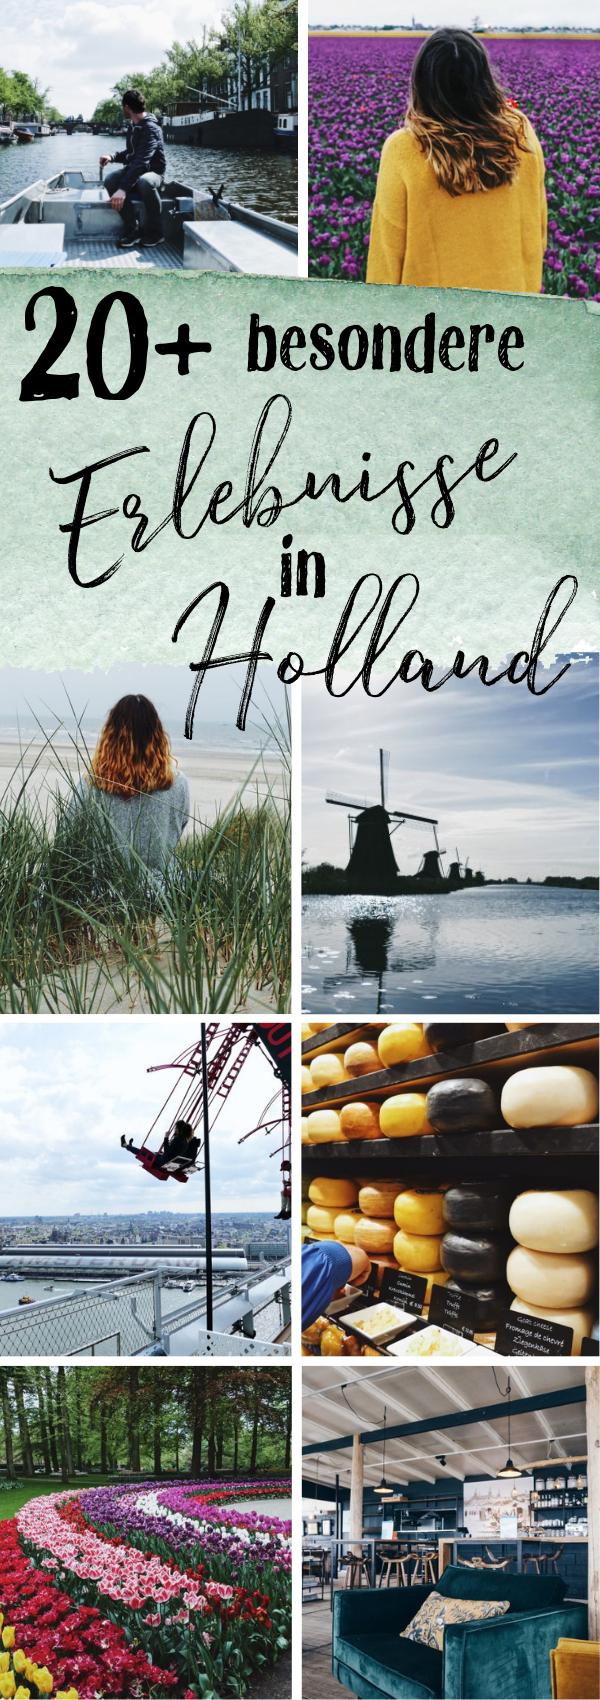 Wohnmobilreise durch ganz Holland - Nordsee, Tulpenblüte und besondere Städte